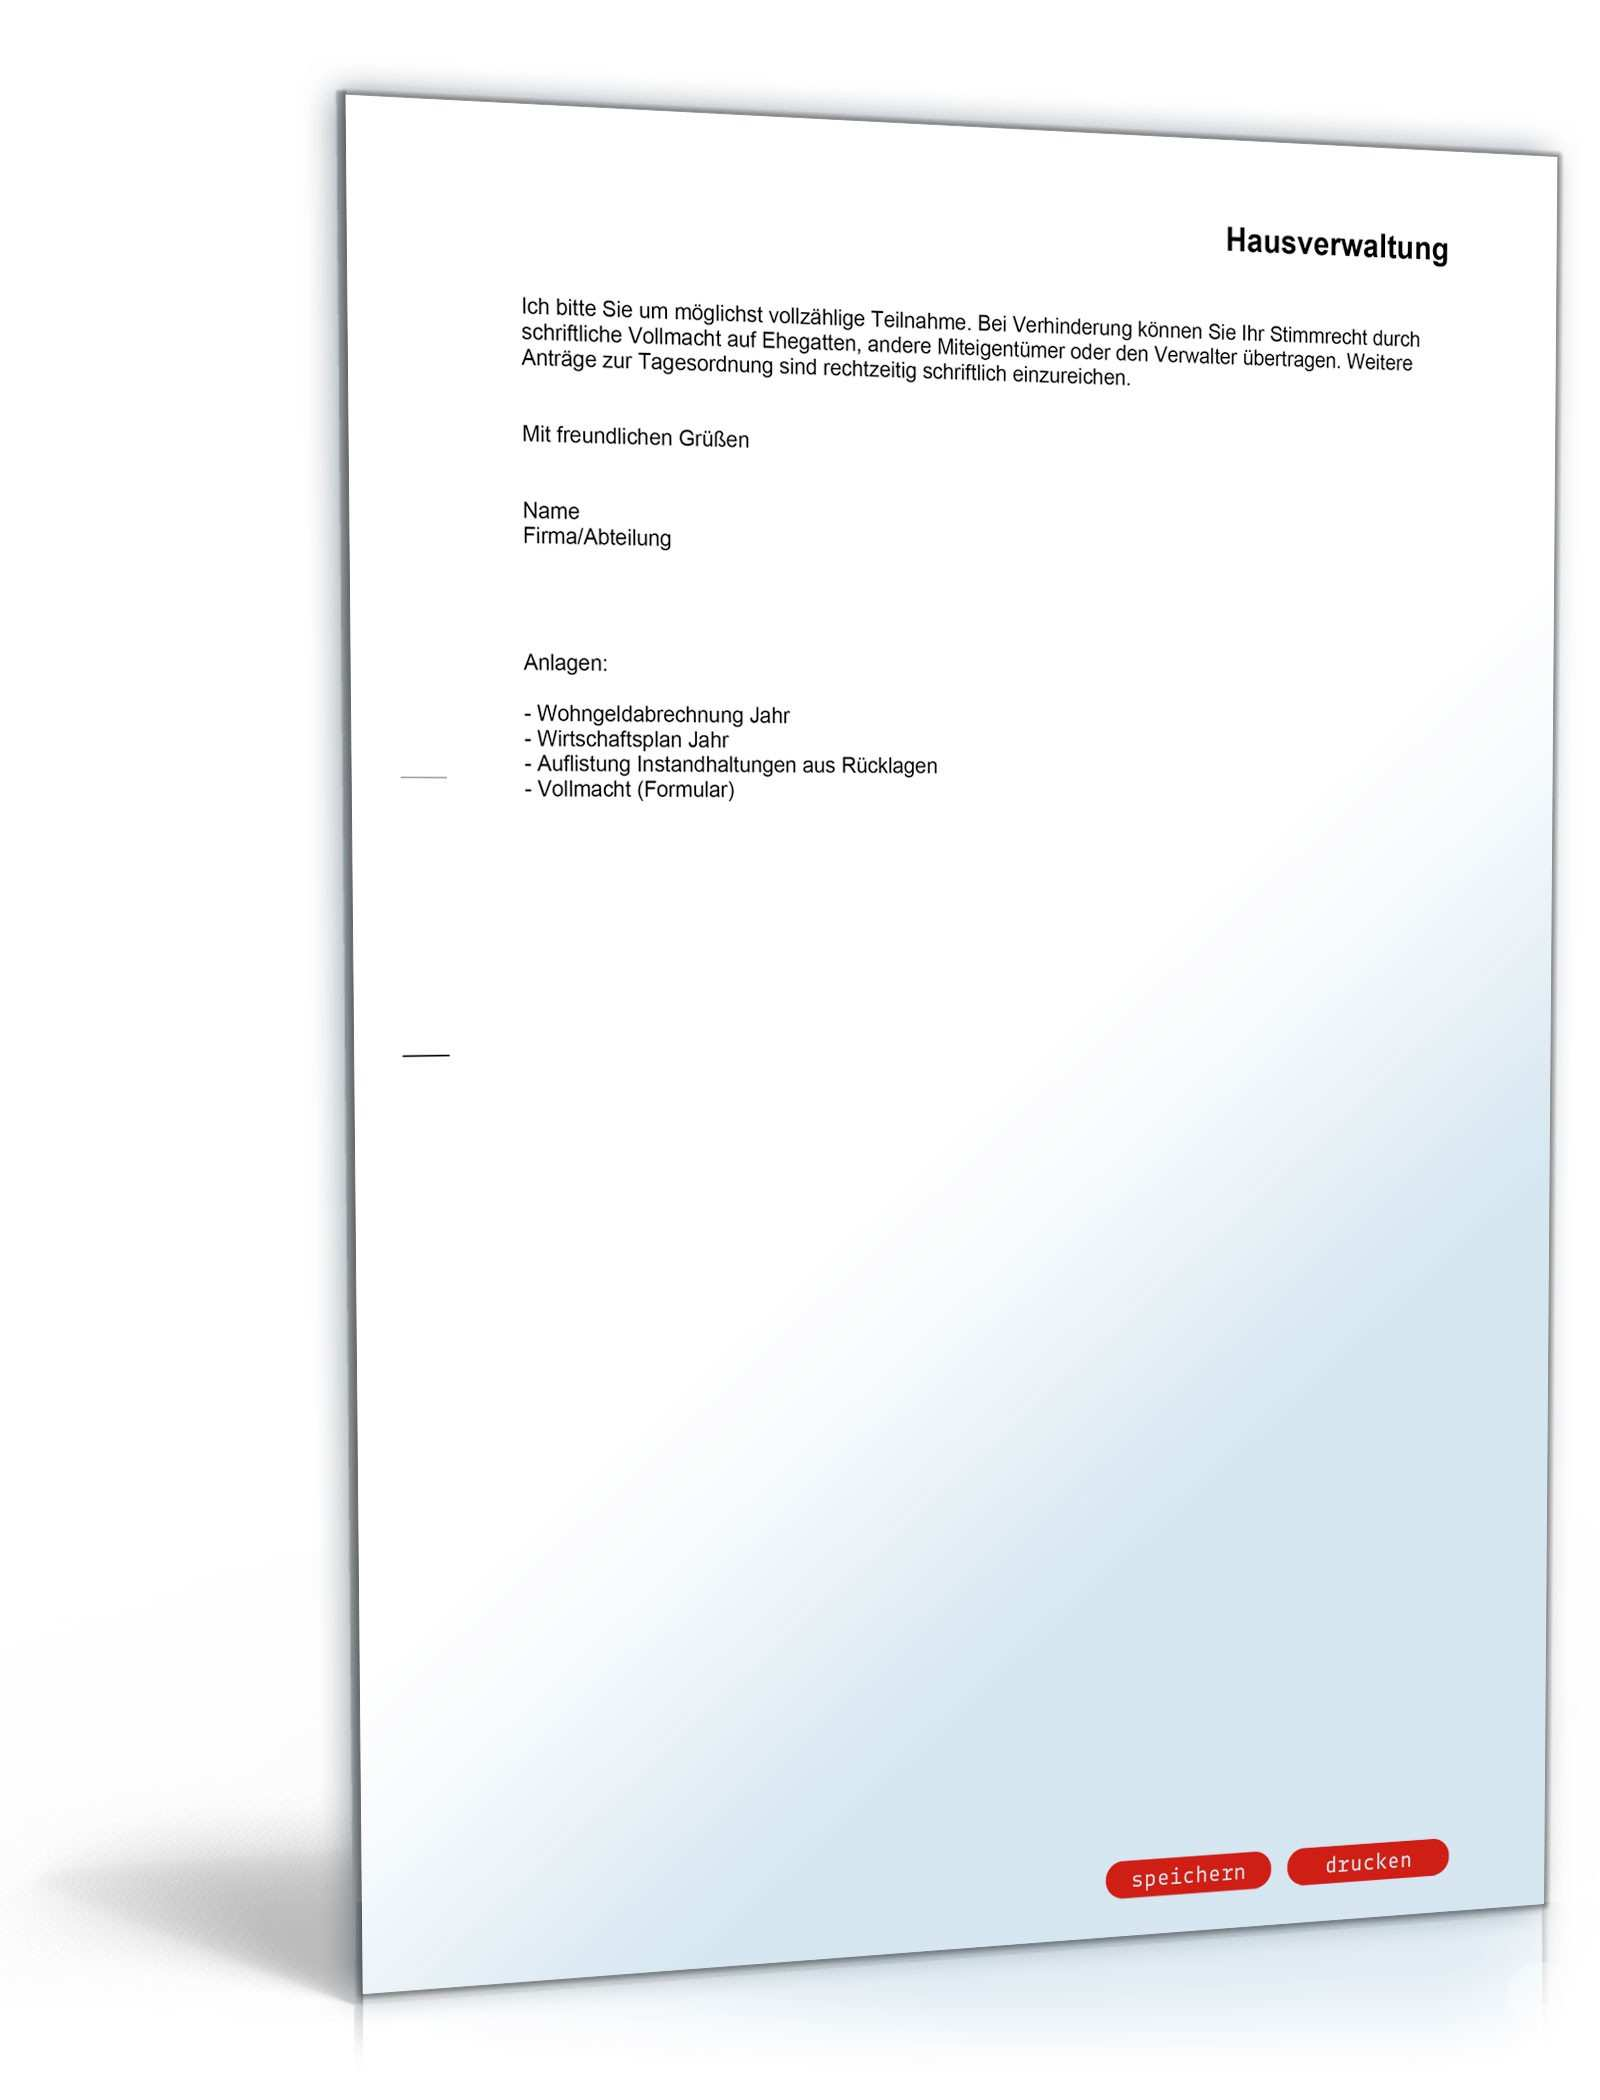 Einladung Zu Einer Eigentumerversammlung Musterbrief Sofort Zum Download